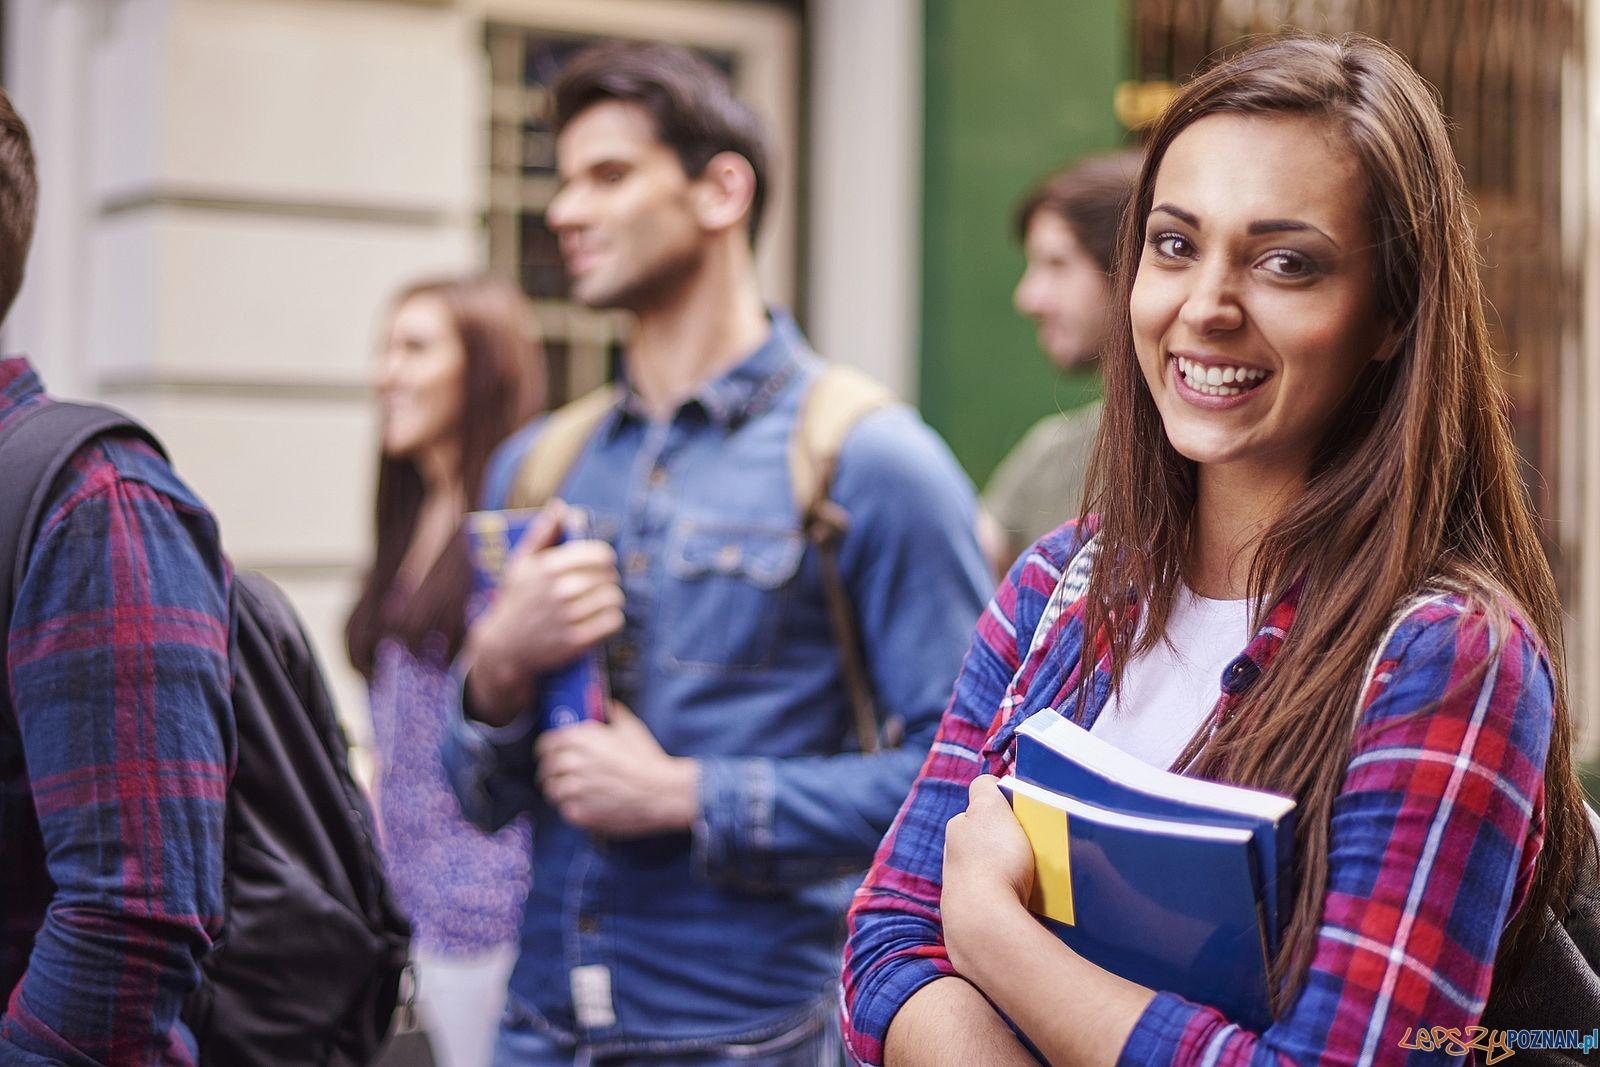 Studenci  Foto: gpointstudio / OLX - materiały prasowe